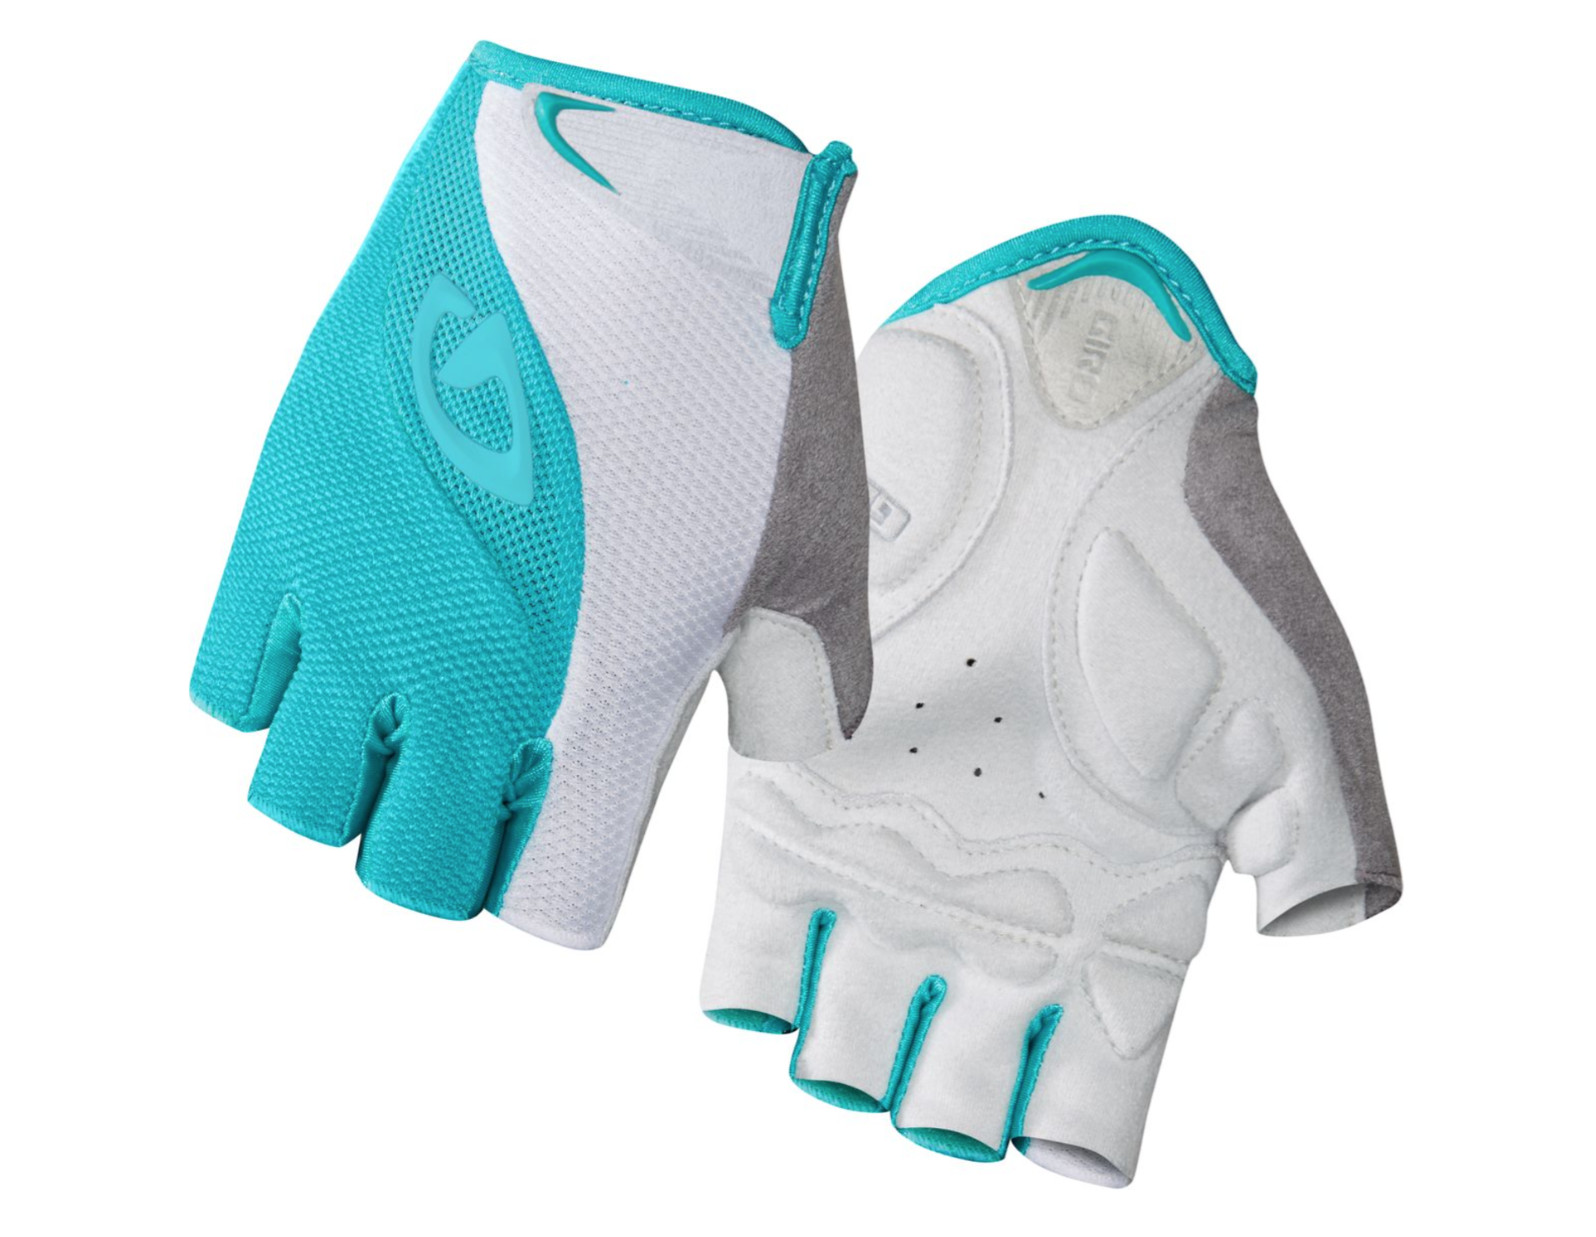 Giro Women's Tessa  Gloves Giro Women's Tessa Gloves - Turquoise : White